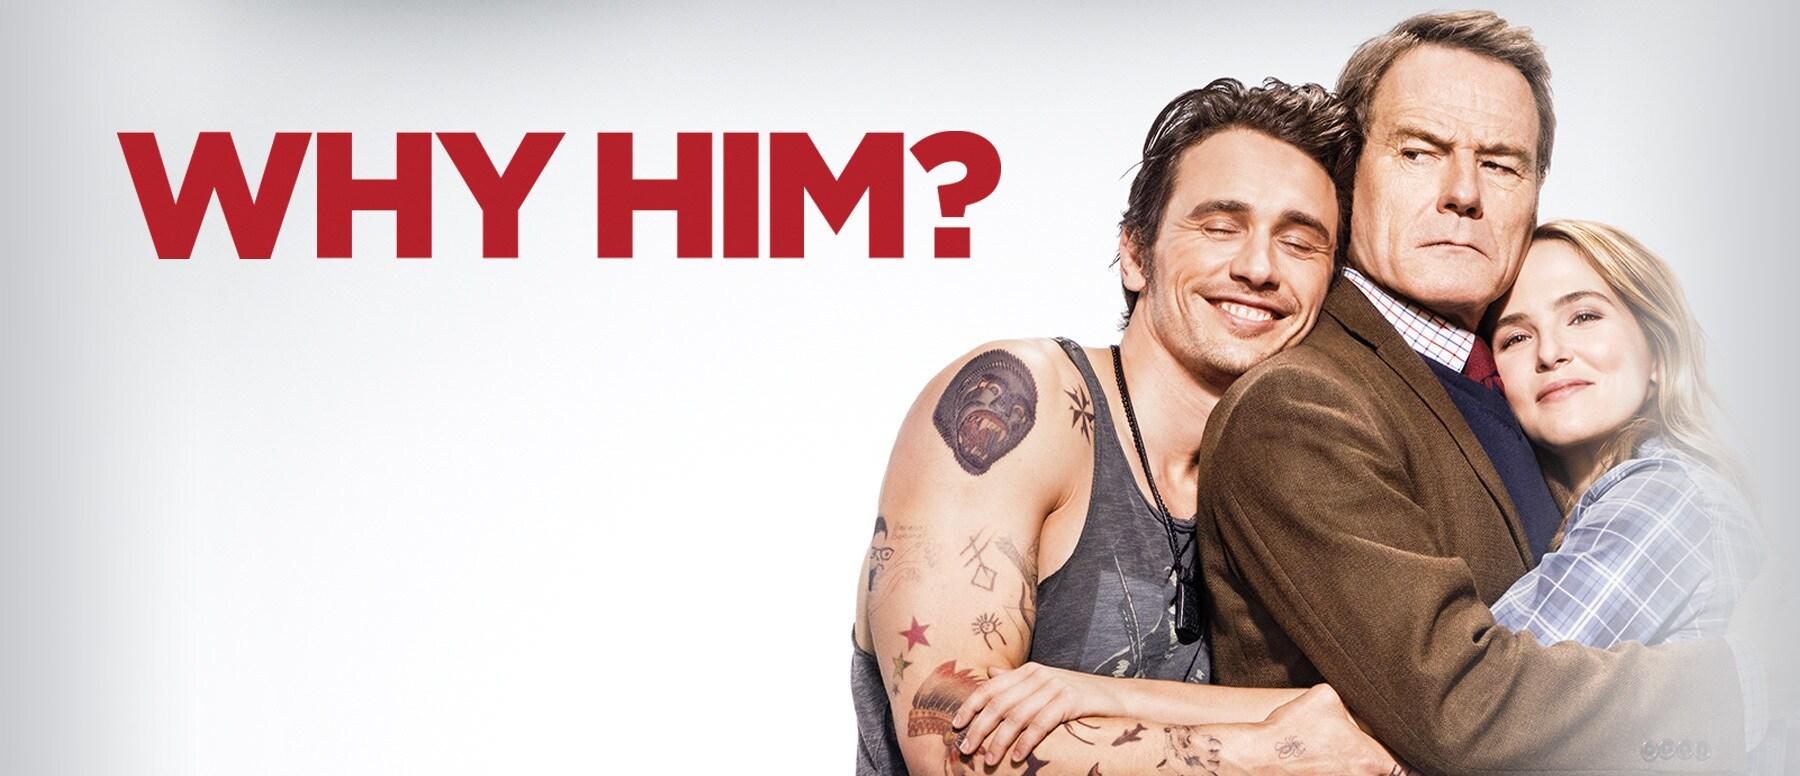 Why Him? Hero